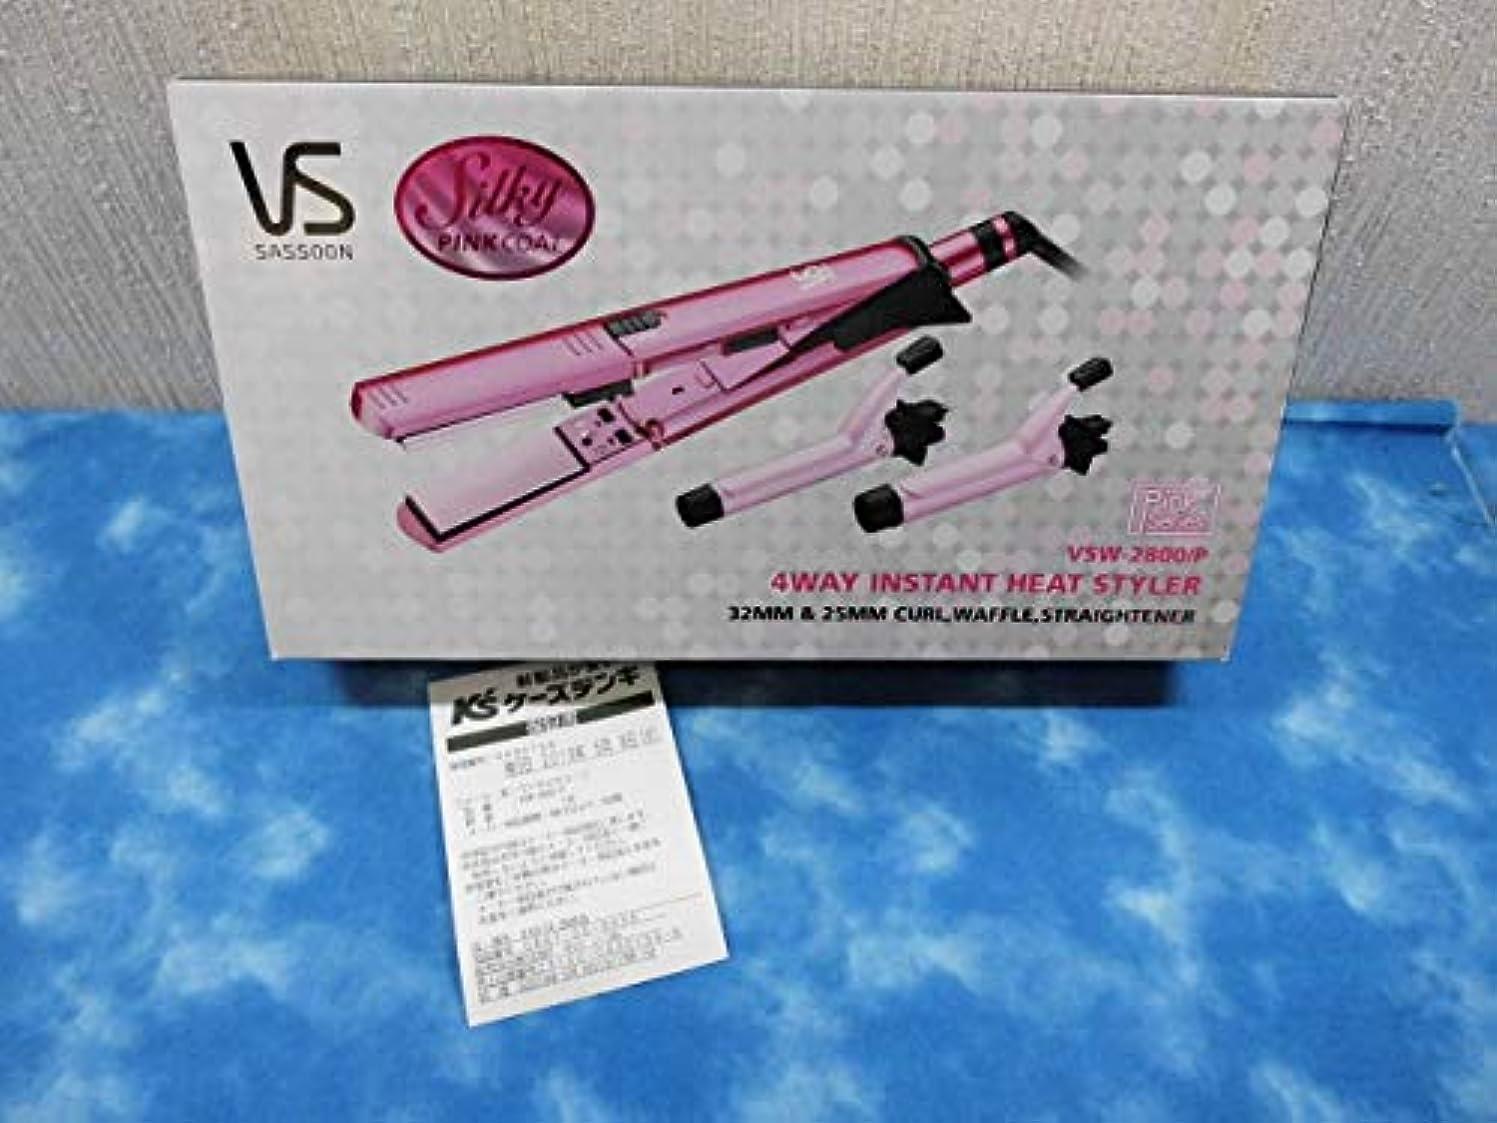 変なホイップ音楽VIDAL SASSOON(ヴィダルサスーン) ピンクシリーズ 4WAYヘアアイロン VSW-2800/P